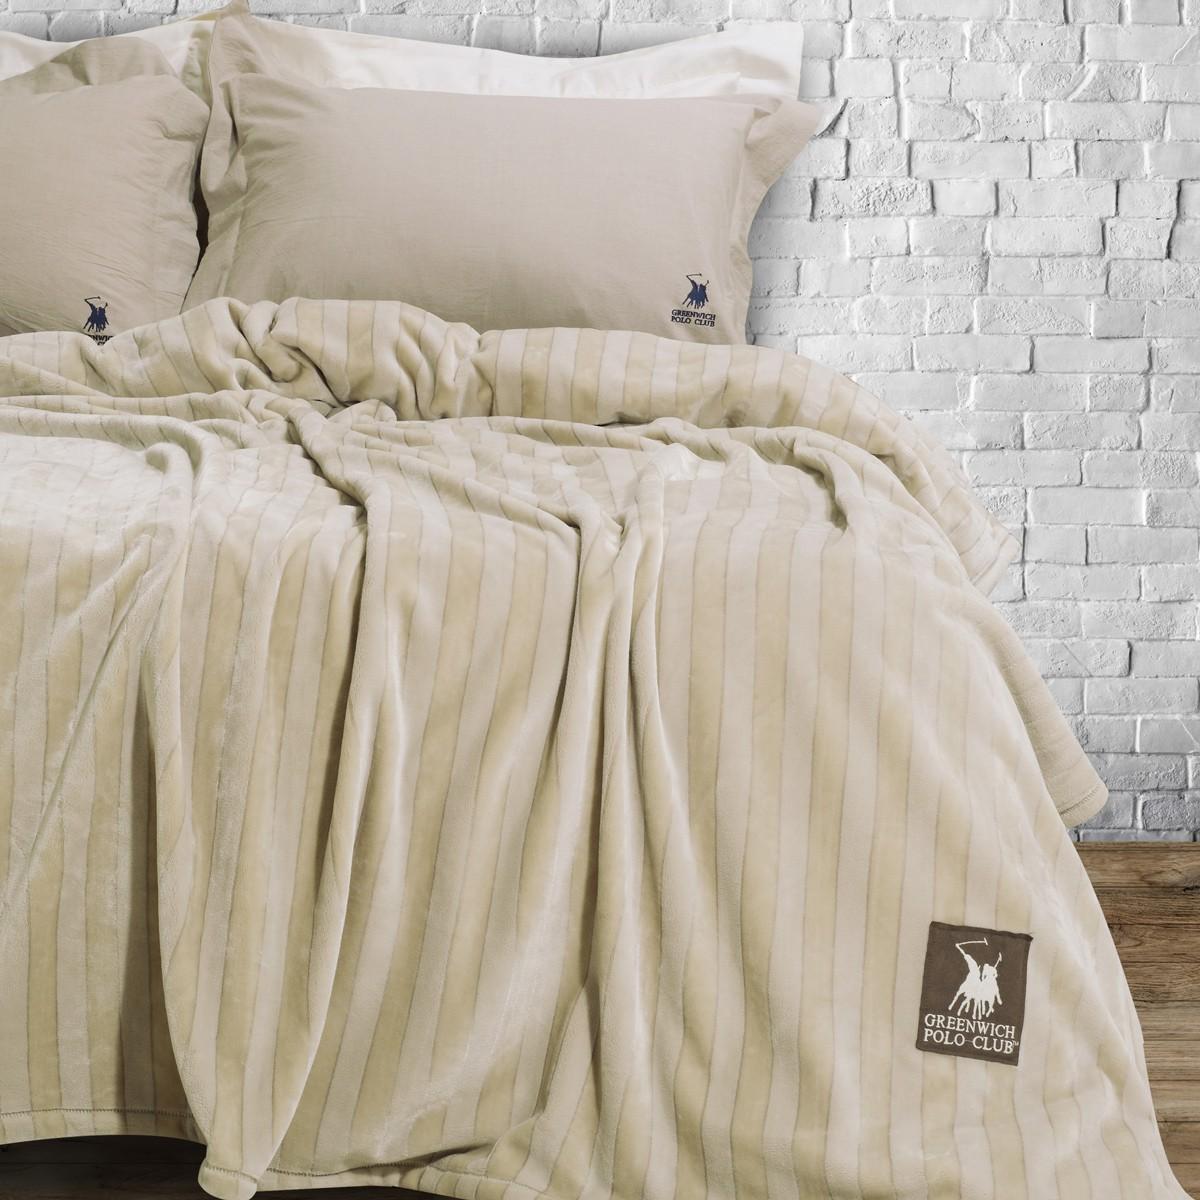 Κουβέρτα Fleece Υπέρδιπλη Polo Club Essential Blanket 2410 home   κρεβατοκάμαρα   κουβέρτες   κουβέρτες fleece υπέρδιπλες